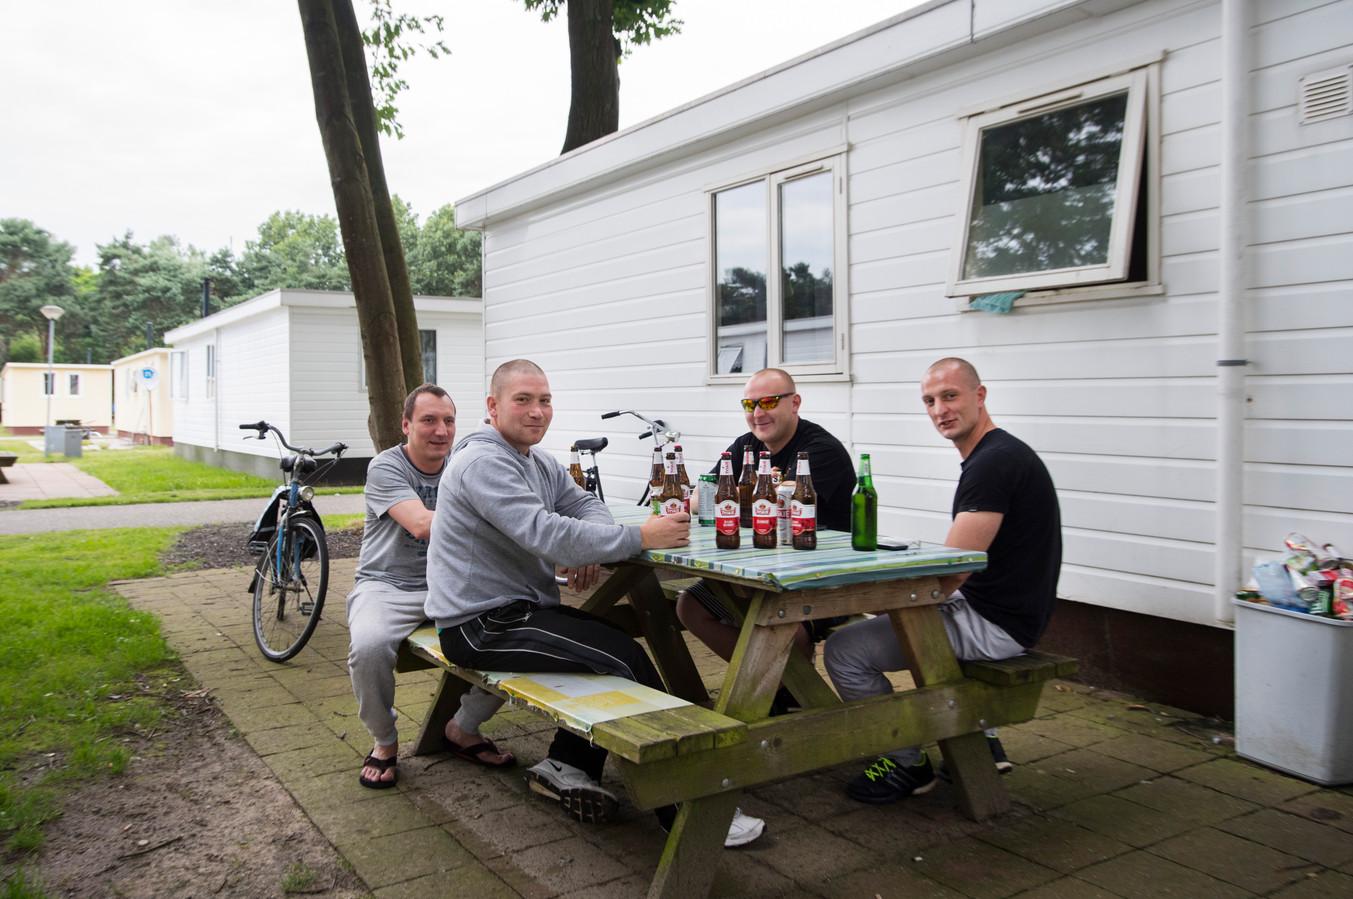 Poolse arbeidsmigranten bij hun woning op een recreatiepark in Oss, op een archiefbeeld uit 2006.